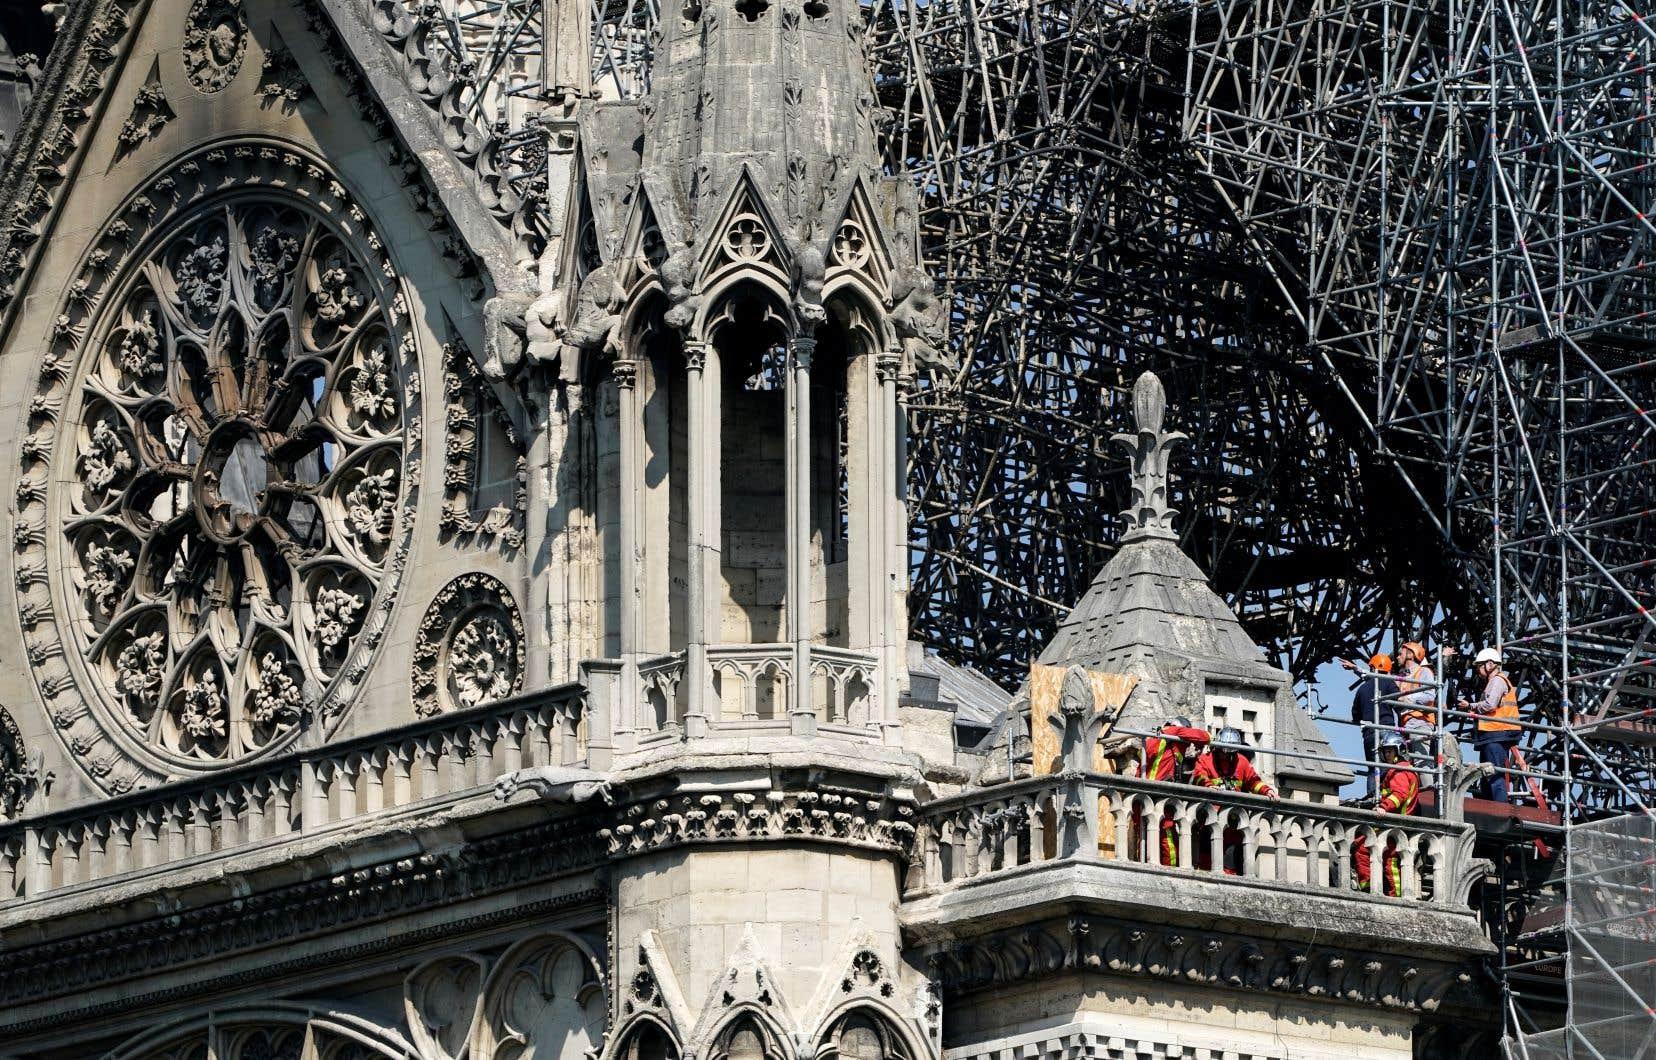 La cathédrale Notre-Dame, un bijou d'architecture gothique vieux de 850ans, a été la proie des flammes lundi soir (heure de Paris).<br /> <br />